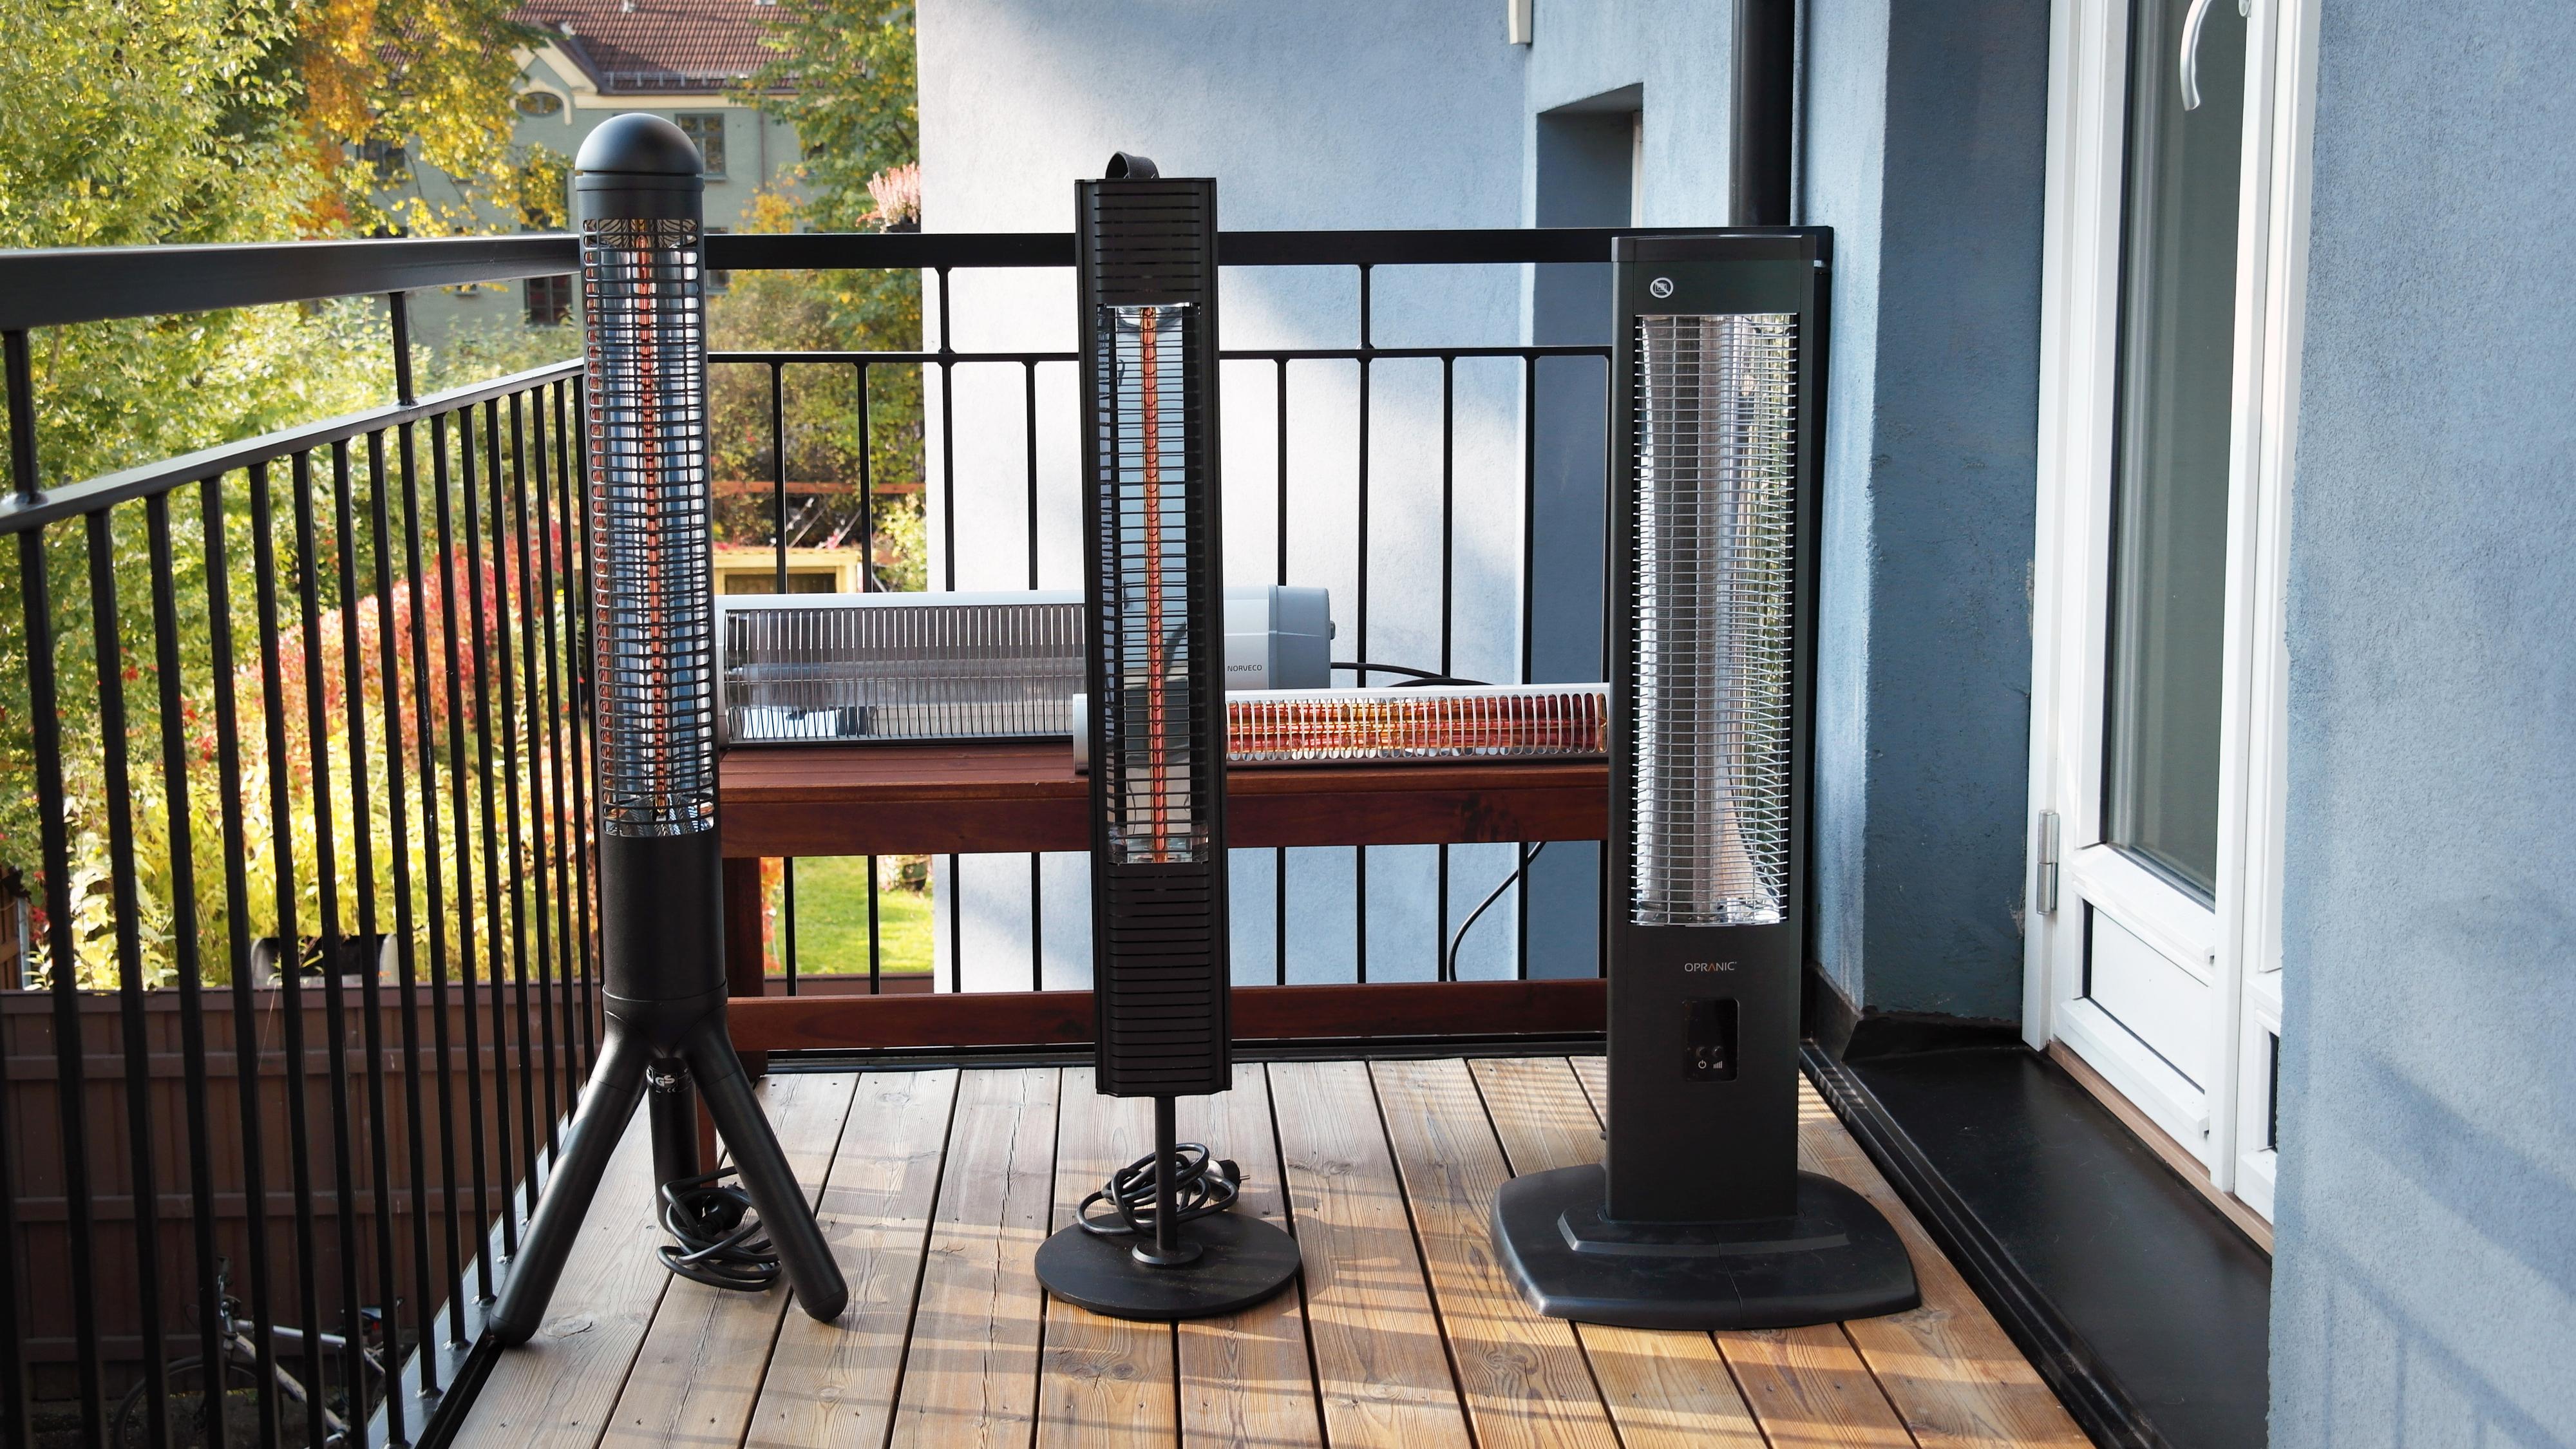 Test av terrassevarmere: Disse forlenger utesesongen i begge ender